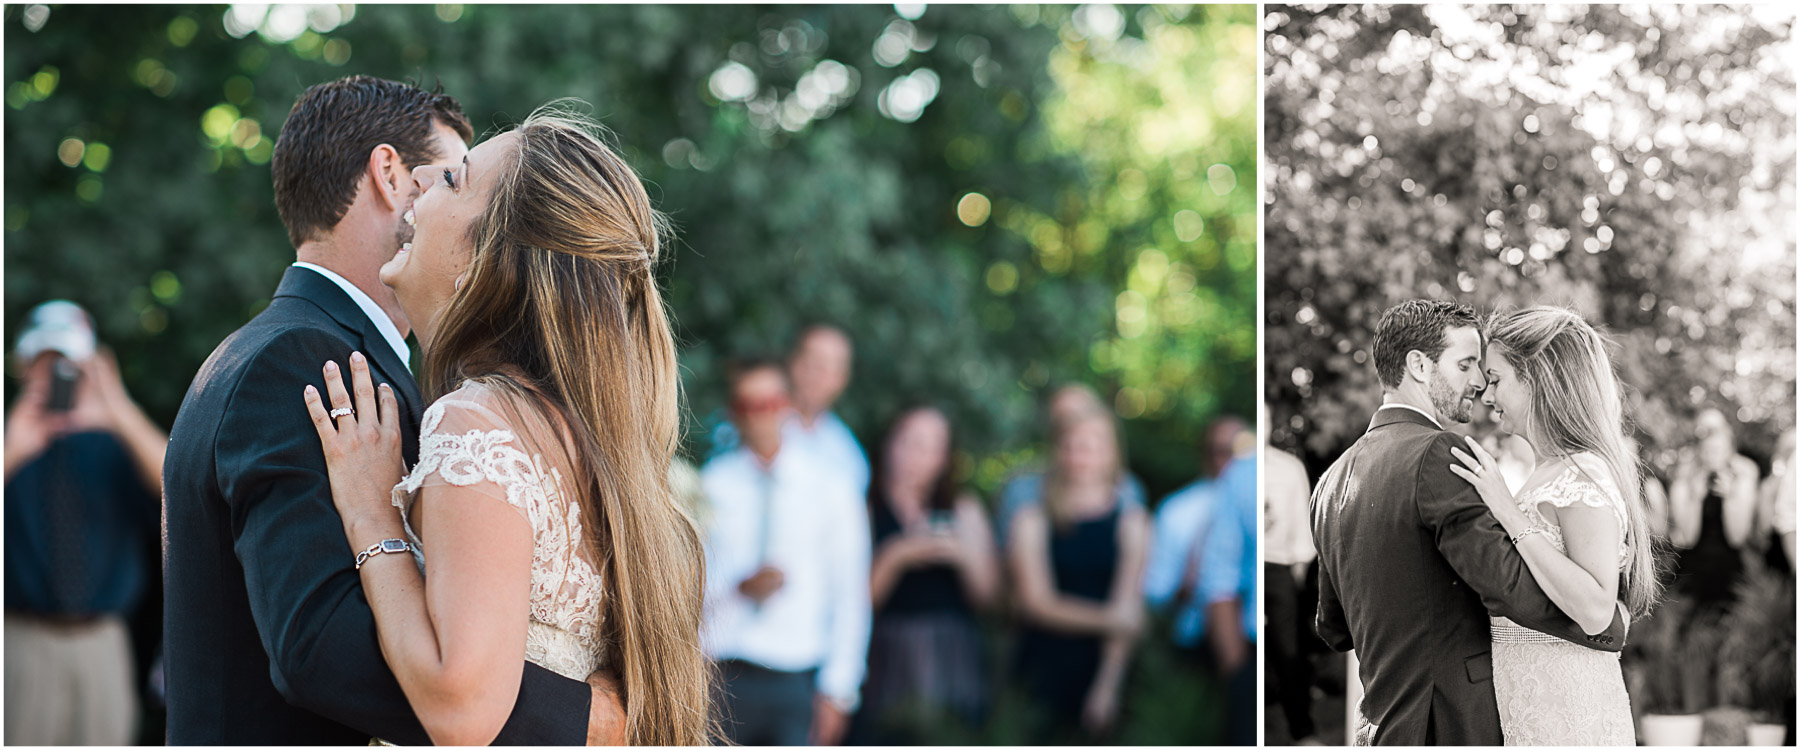 JennaBethPhotography-EHWedding-29.jpg